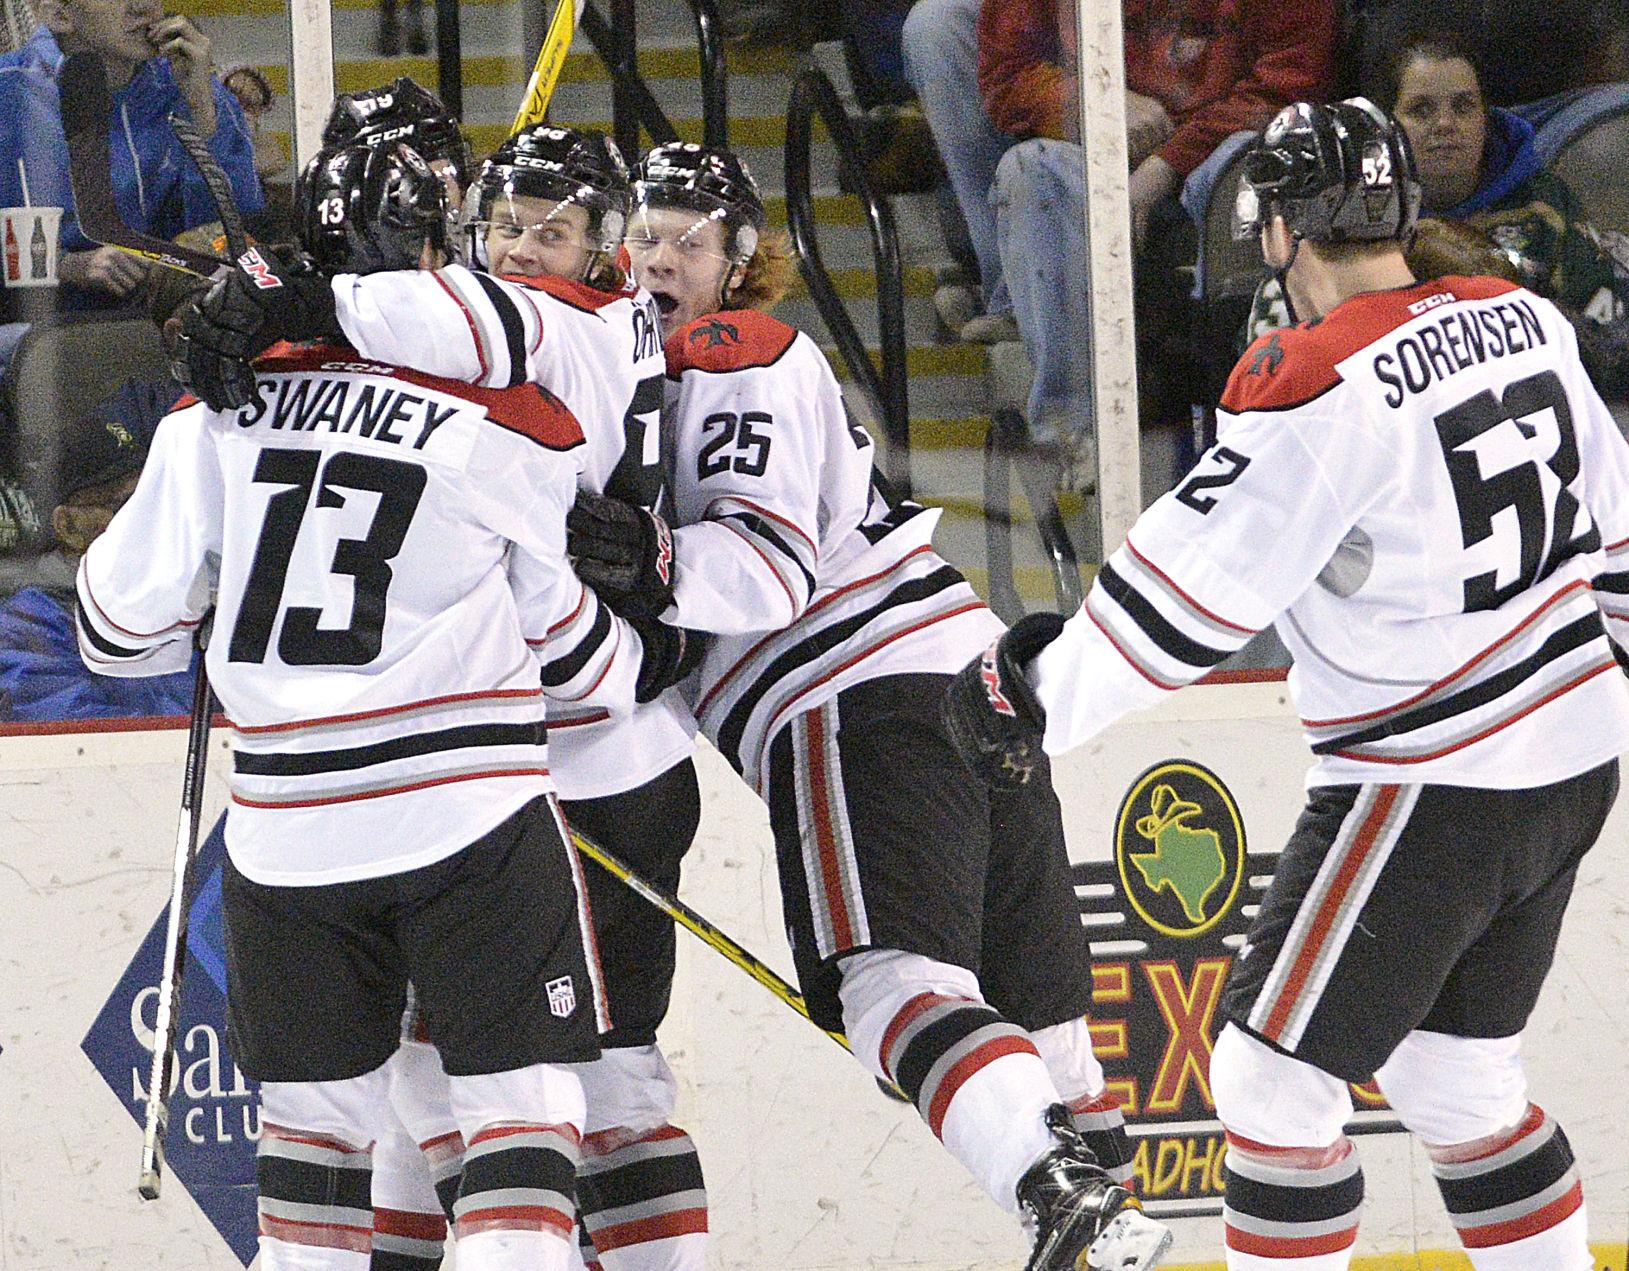 USHL: Miura Lifts Black Hawks To Thrilling 2-1 OT Win In Game 2